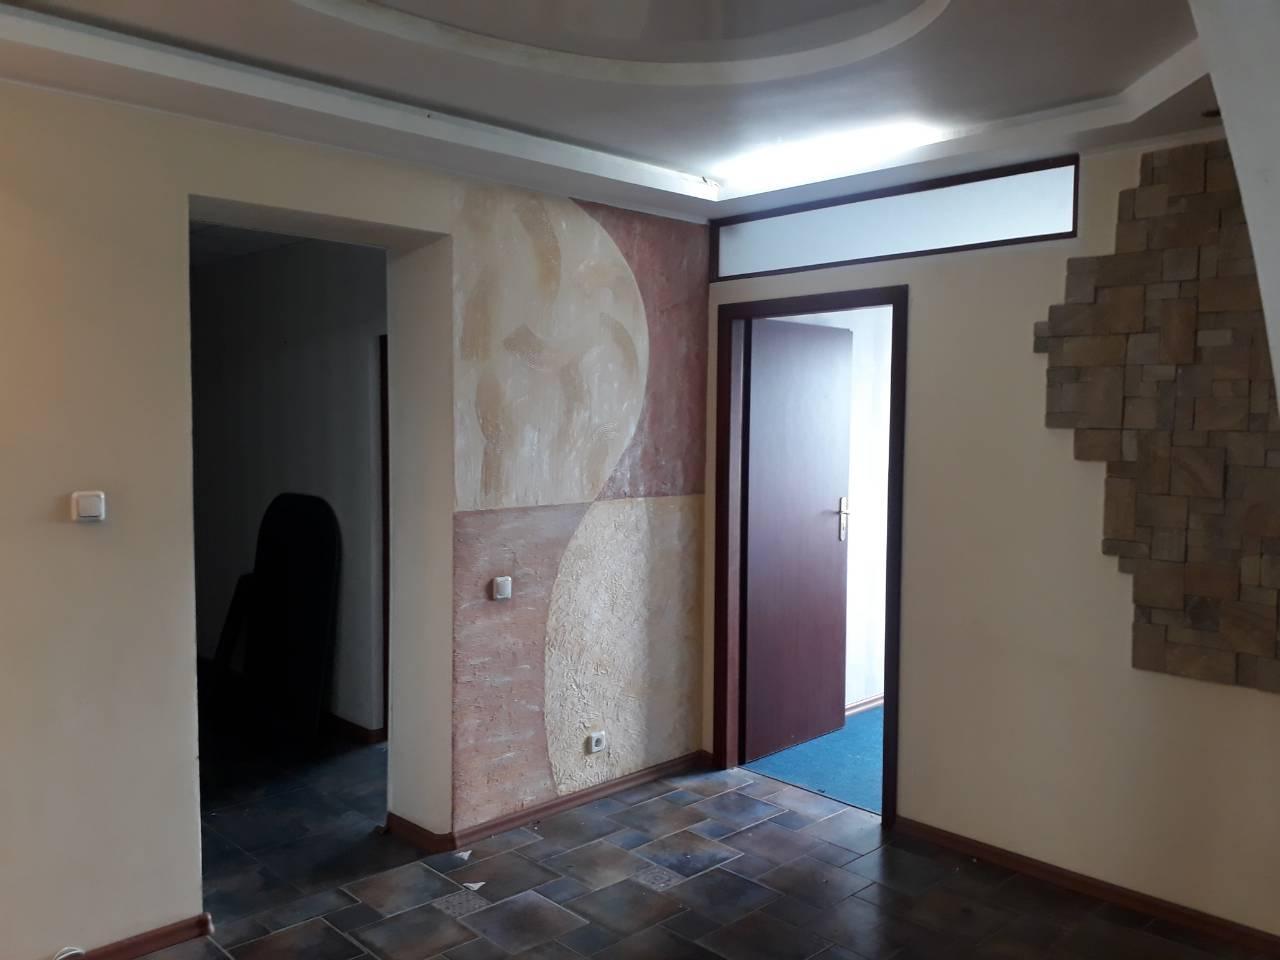 Продам собственную 3х комнатную квартиру в Киеве, ул. Борщаговская 145